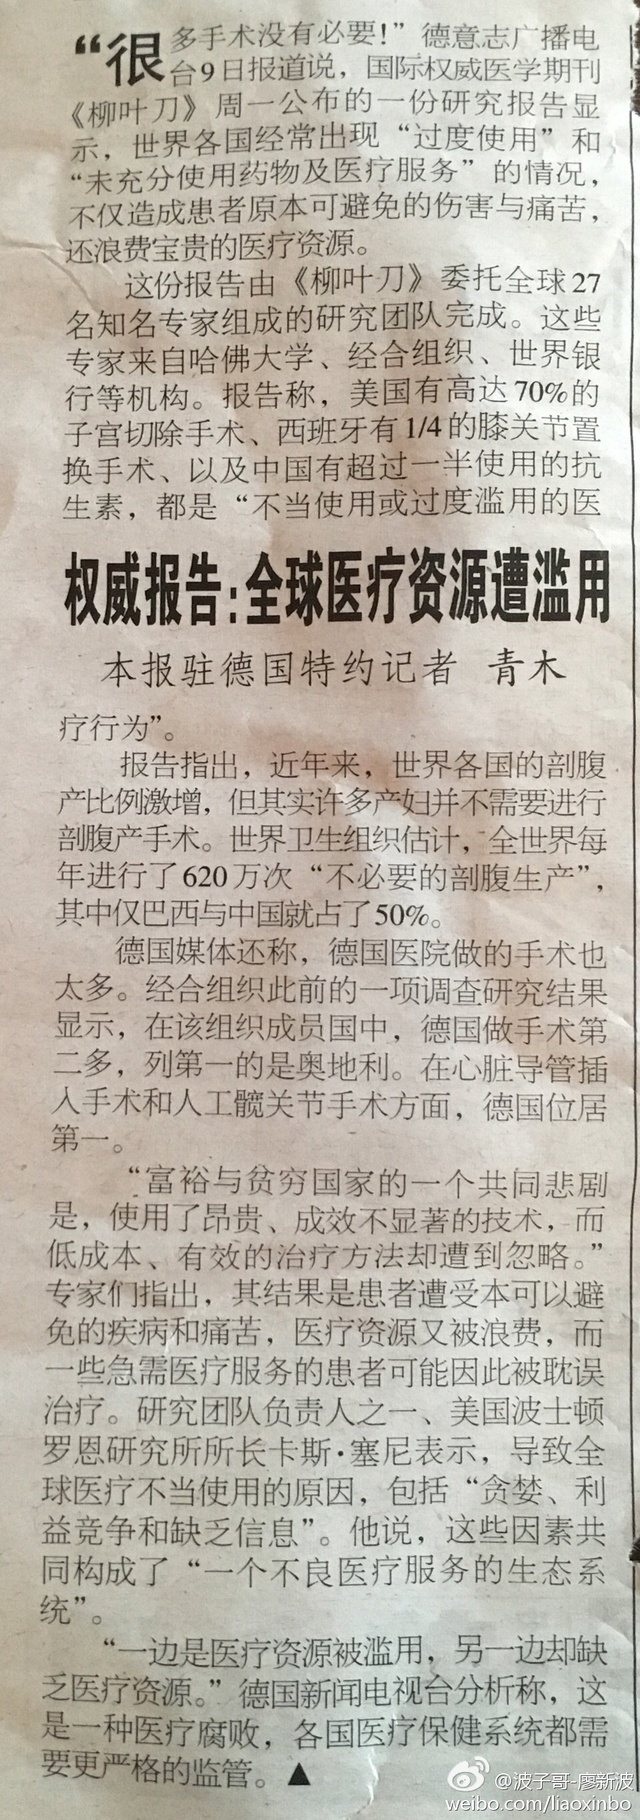 中国特色过度医疗:抗菌药及中成药滥用